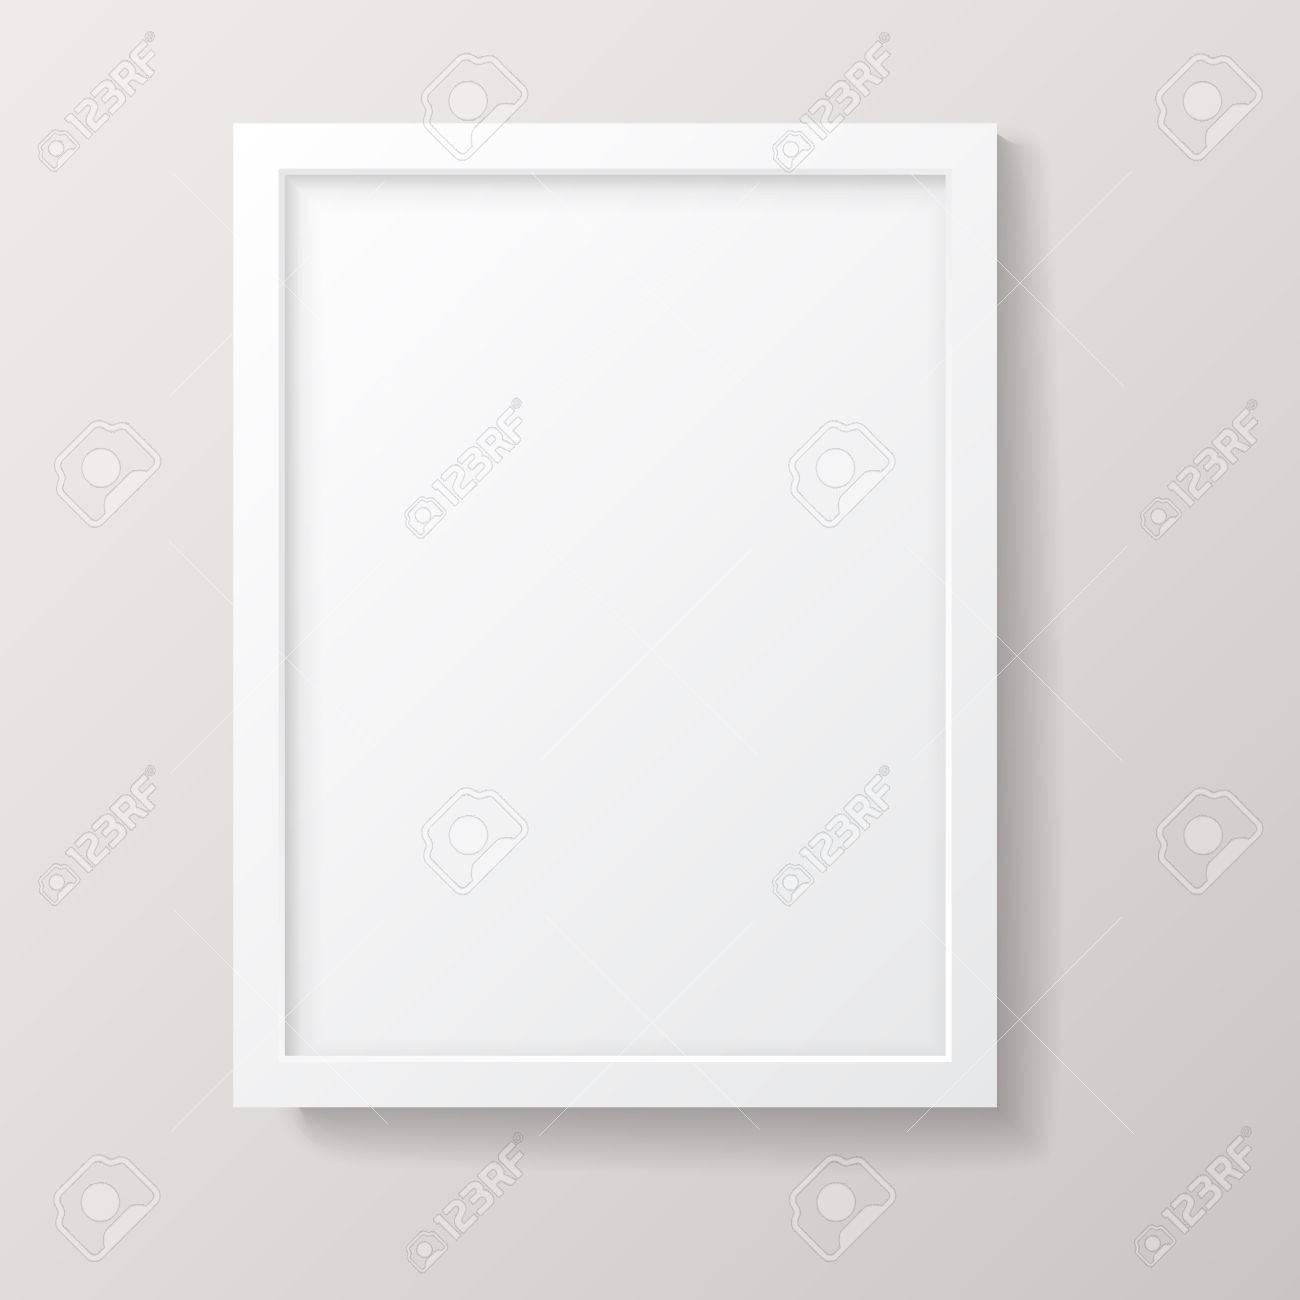 Realistische Leere Weiße Bilderrahmen - Realistische Leeren Weißen ...